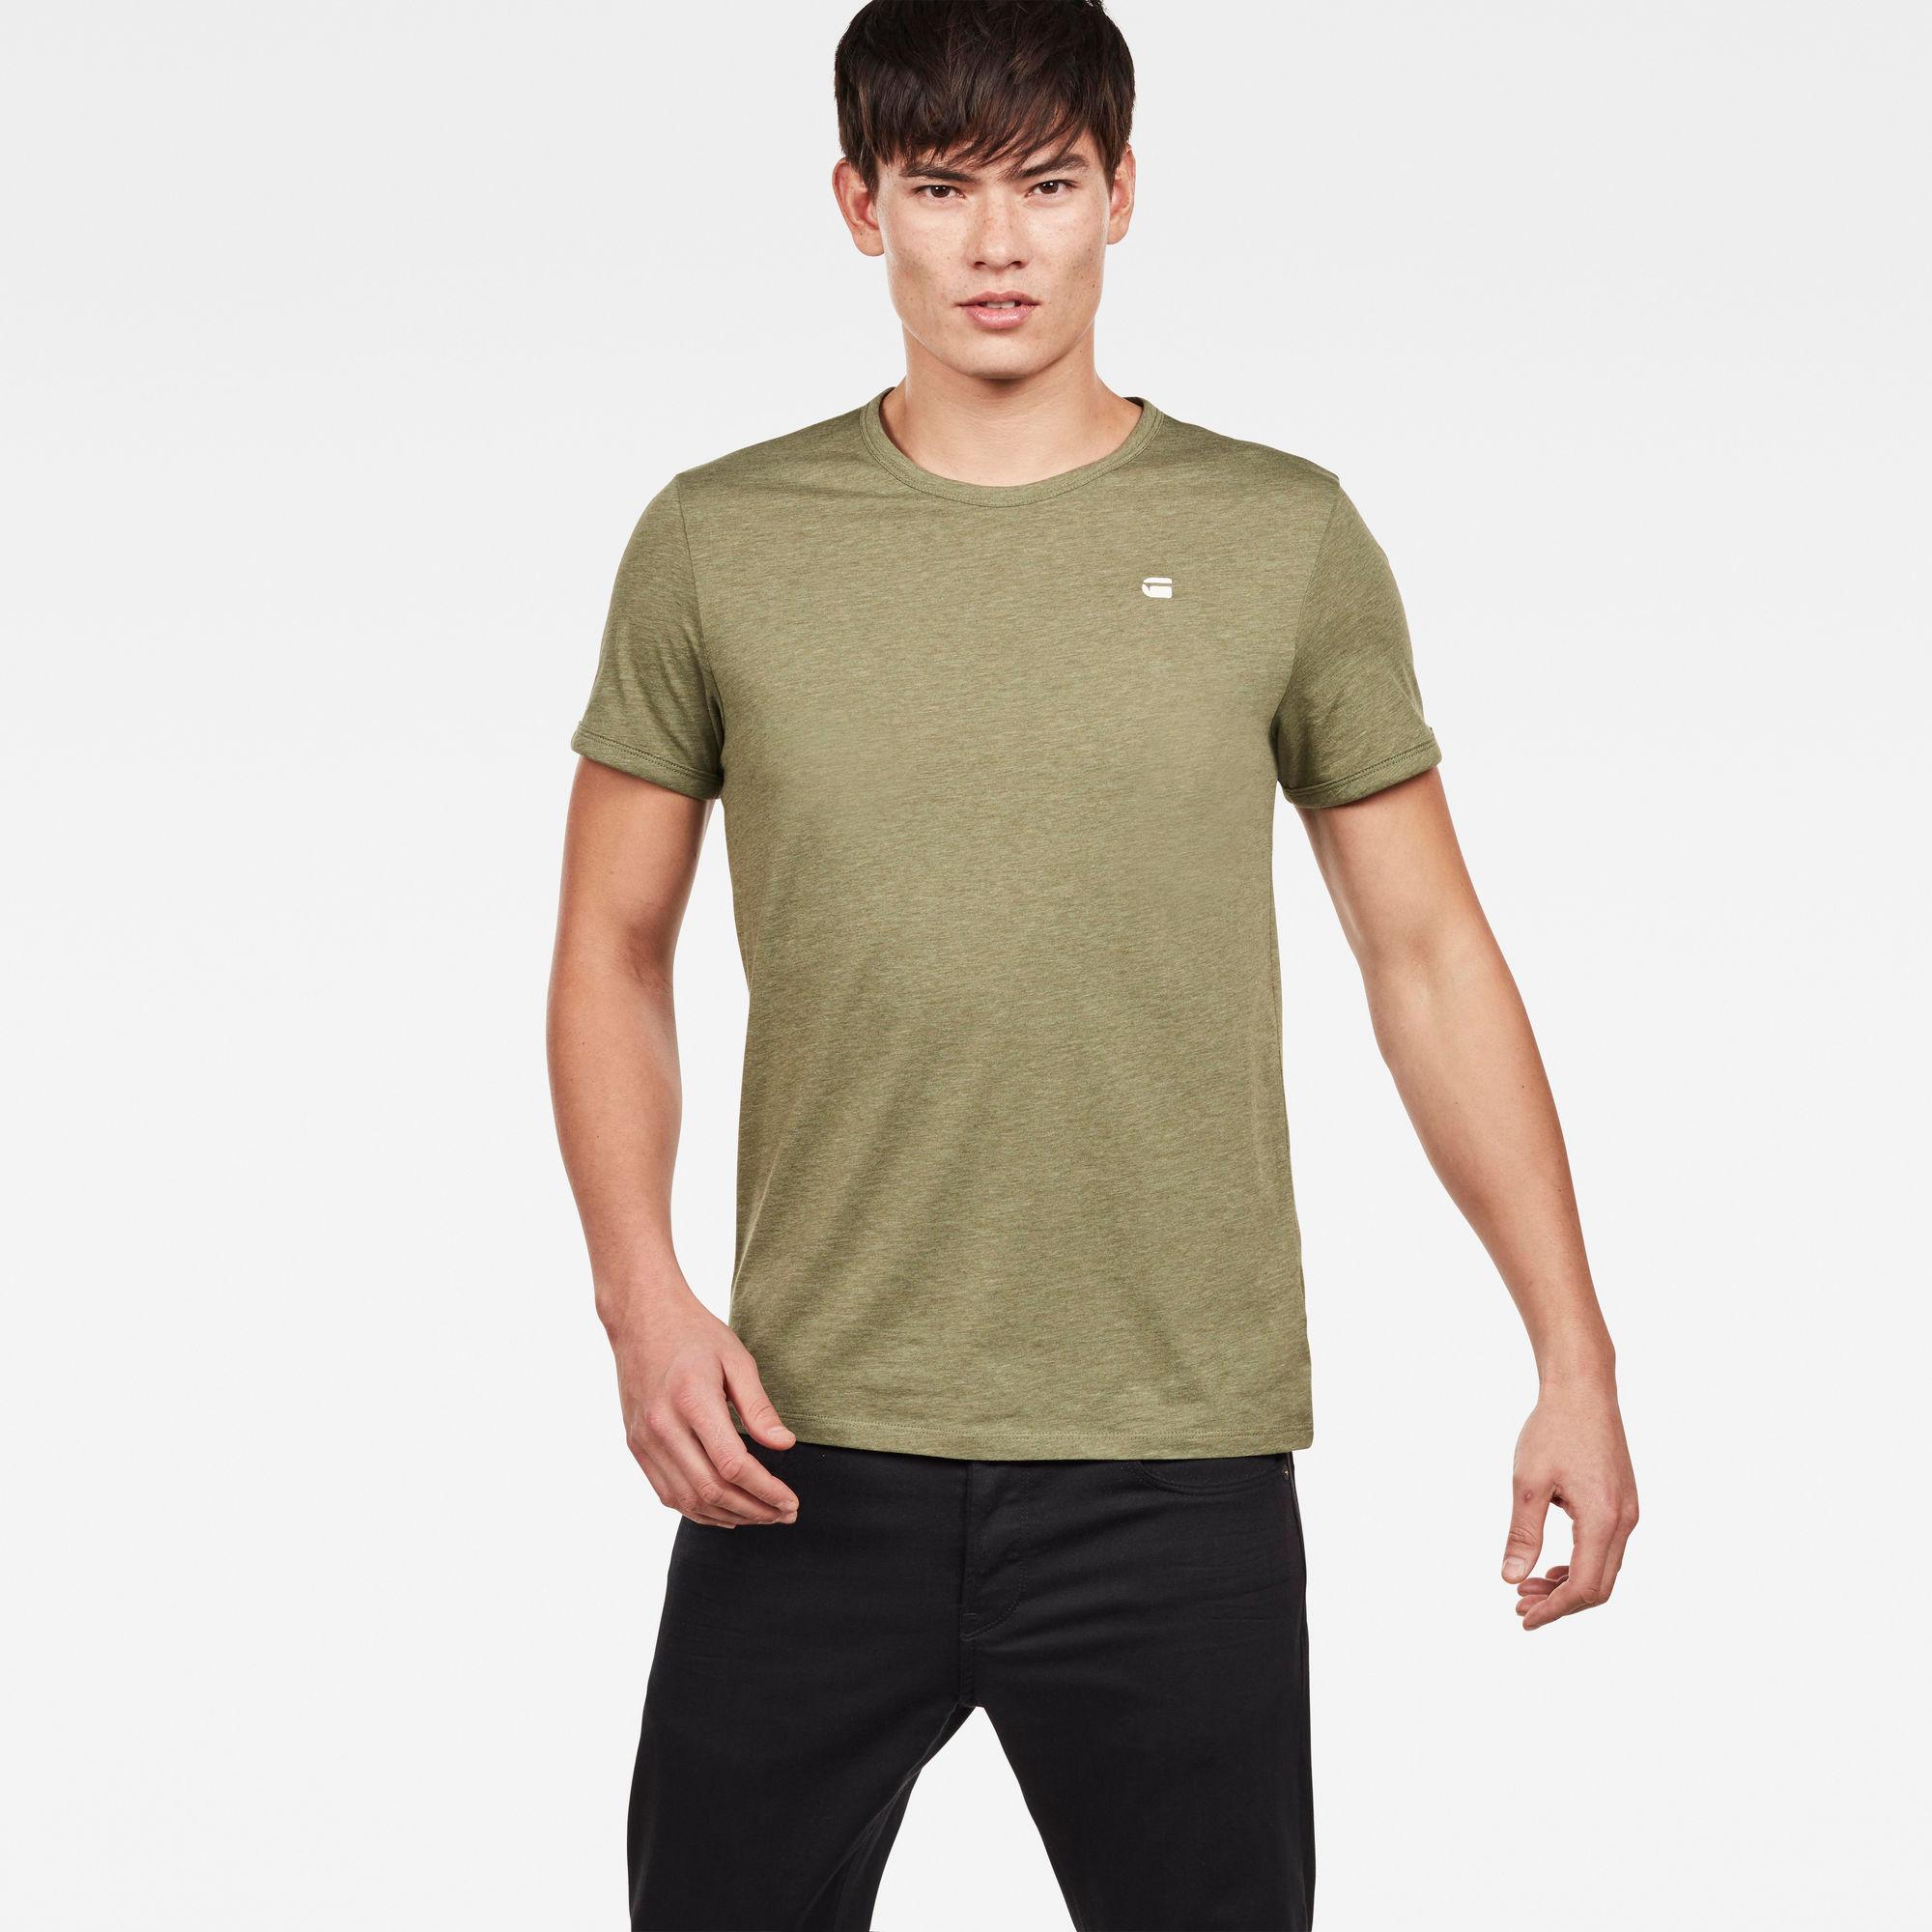 G-Star RAW Heren T-shirts Groen